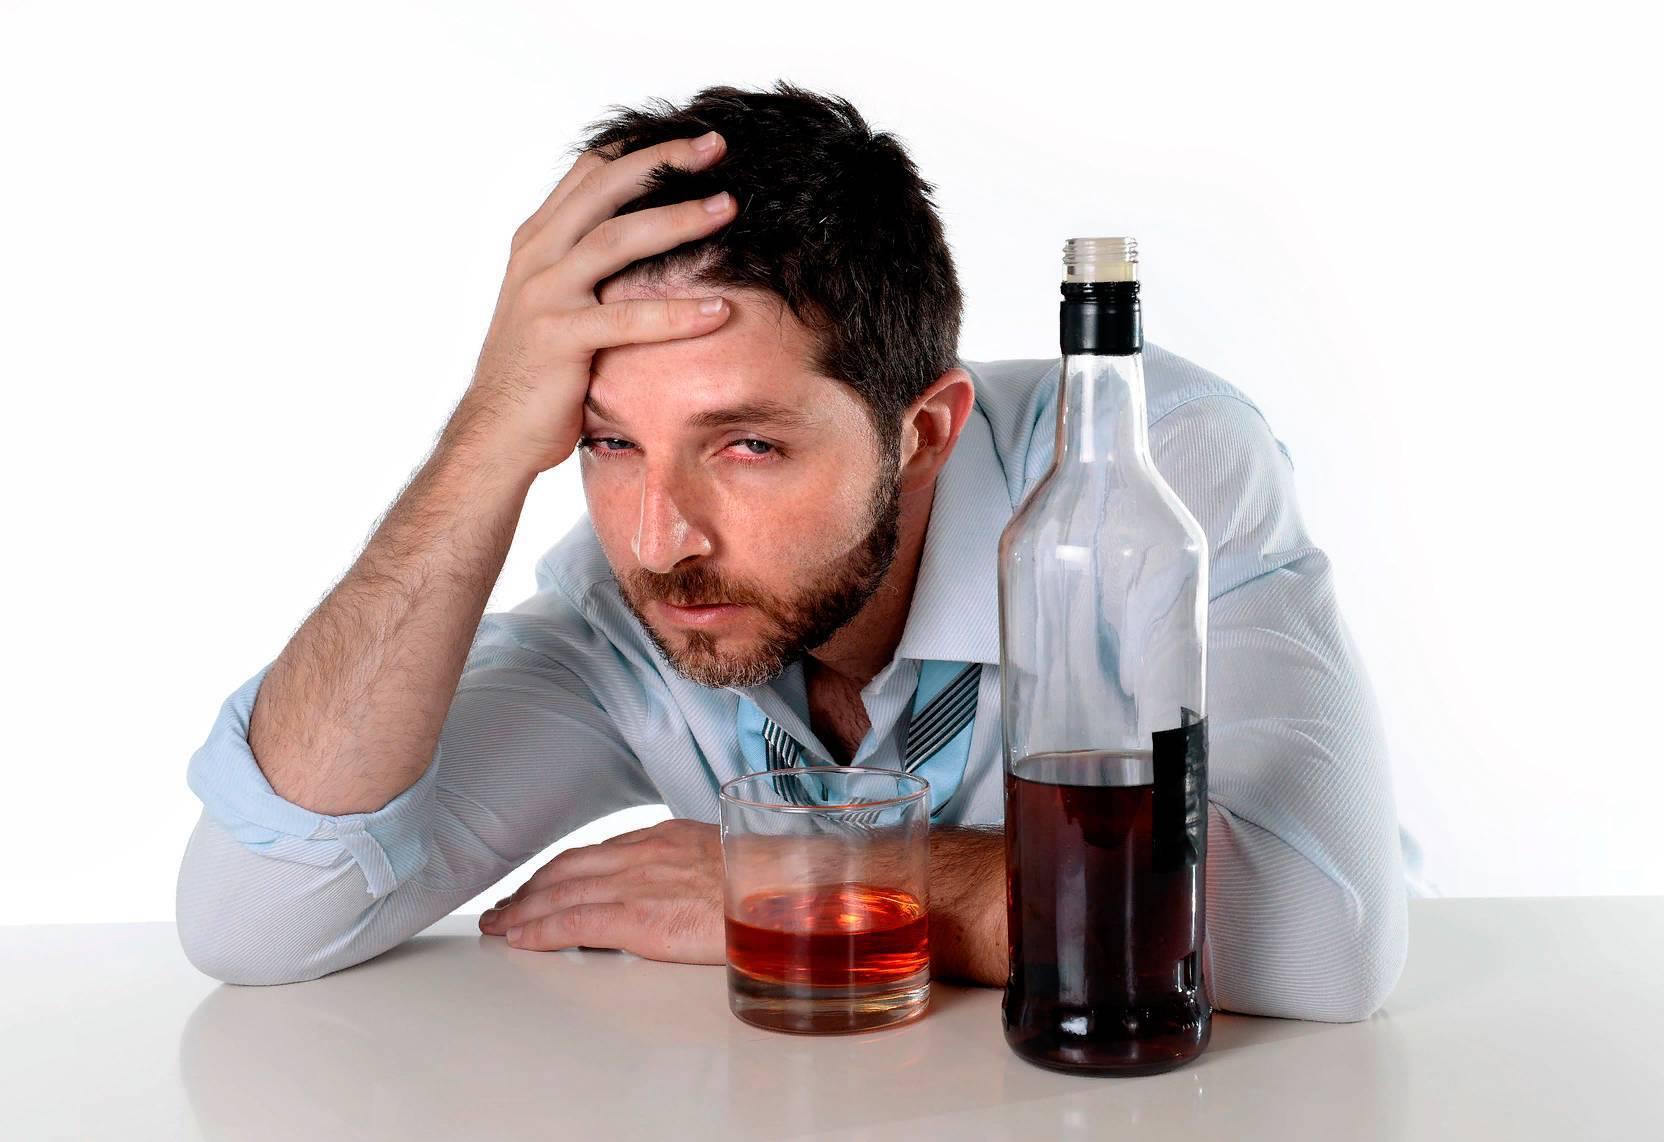 Алкоголь помогает уснуть — и еще пять опасных мифов о сне . милая я